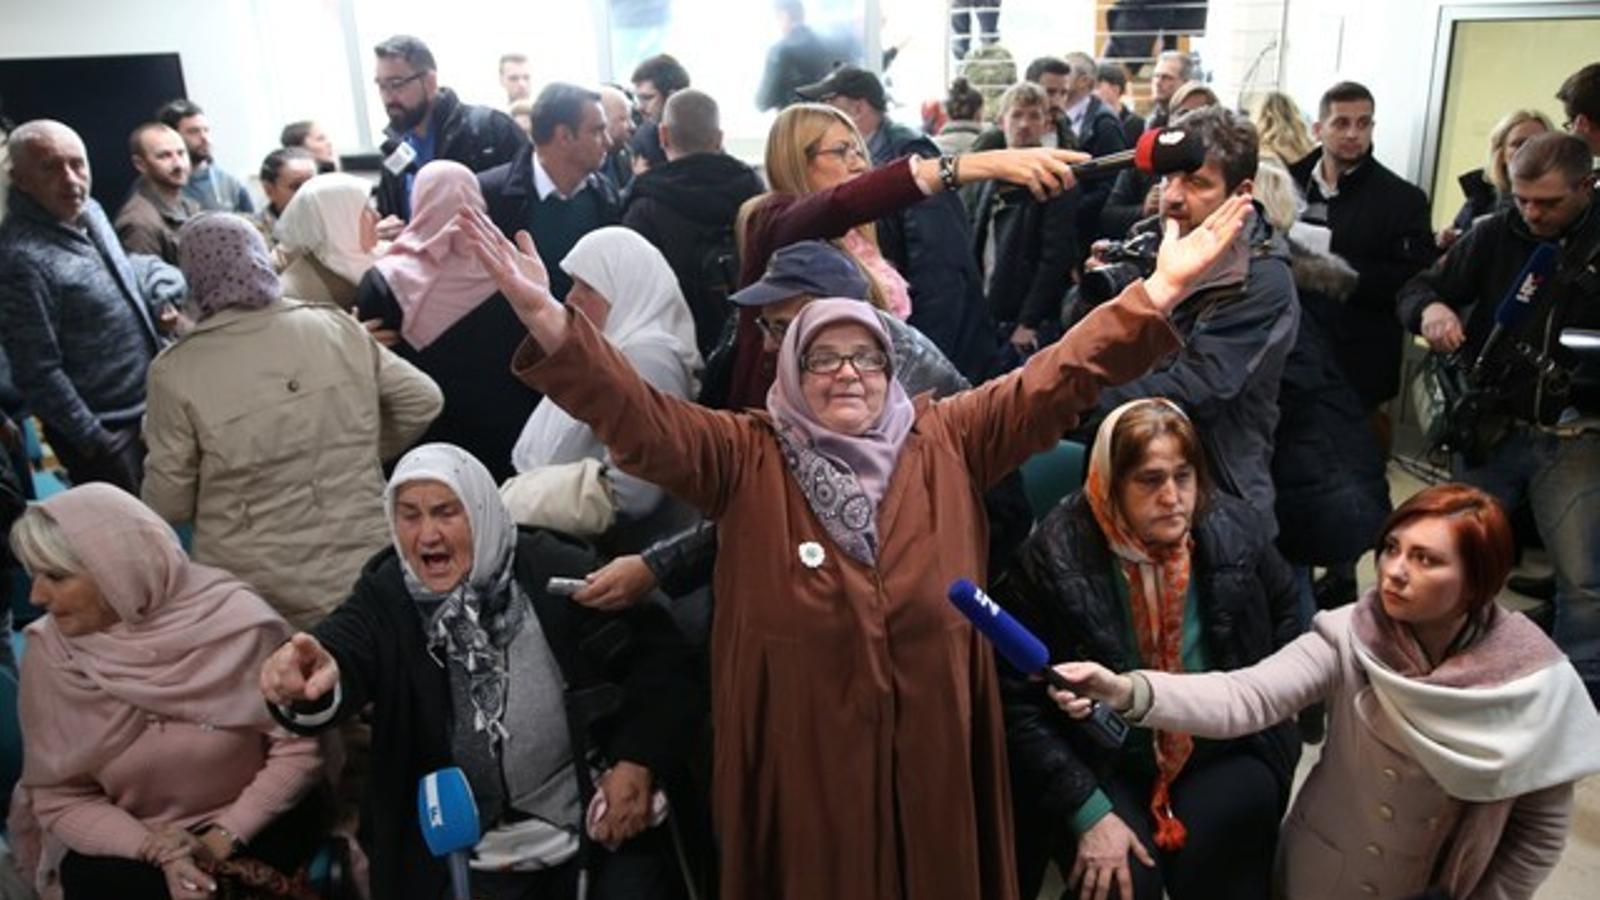 Dones víctimes del genocidi ordenat per Mladic celebren el veredicte al Memorial d'Srebrenica.